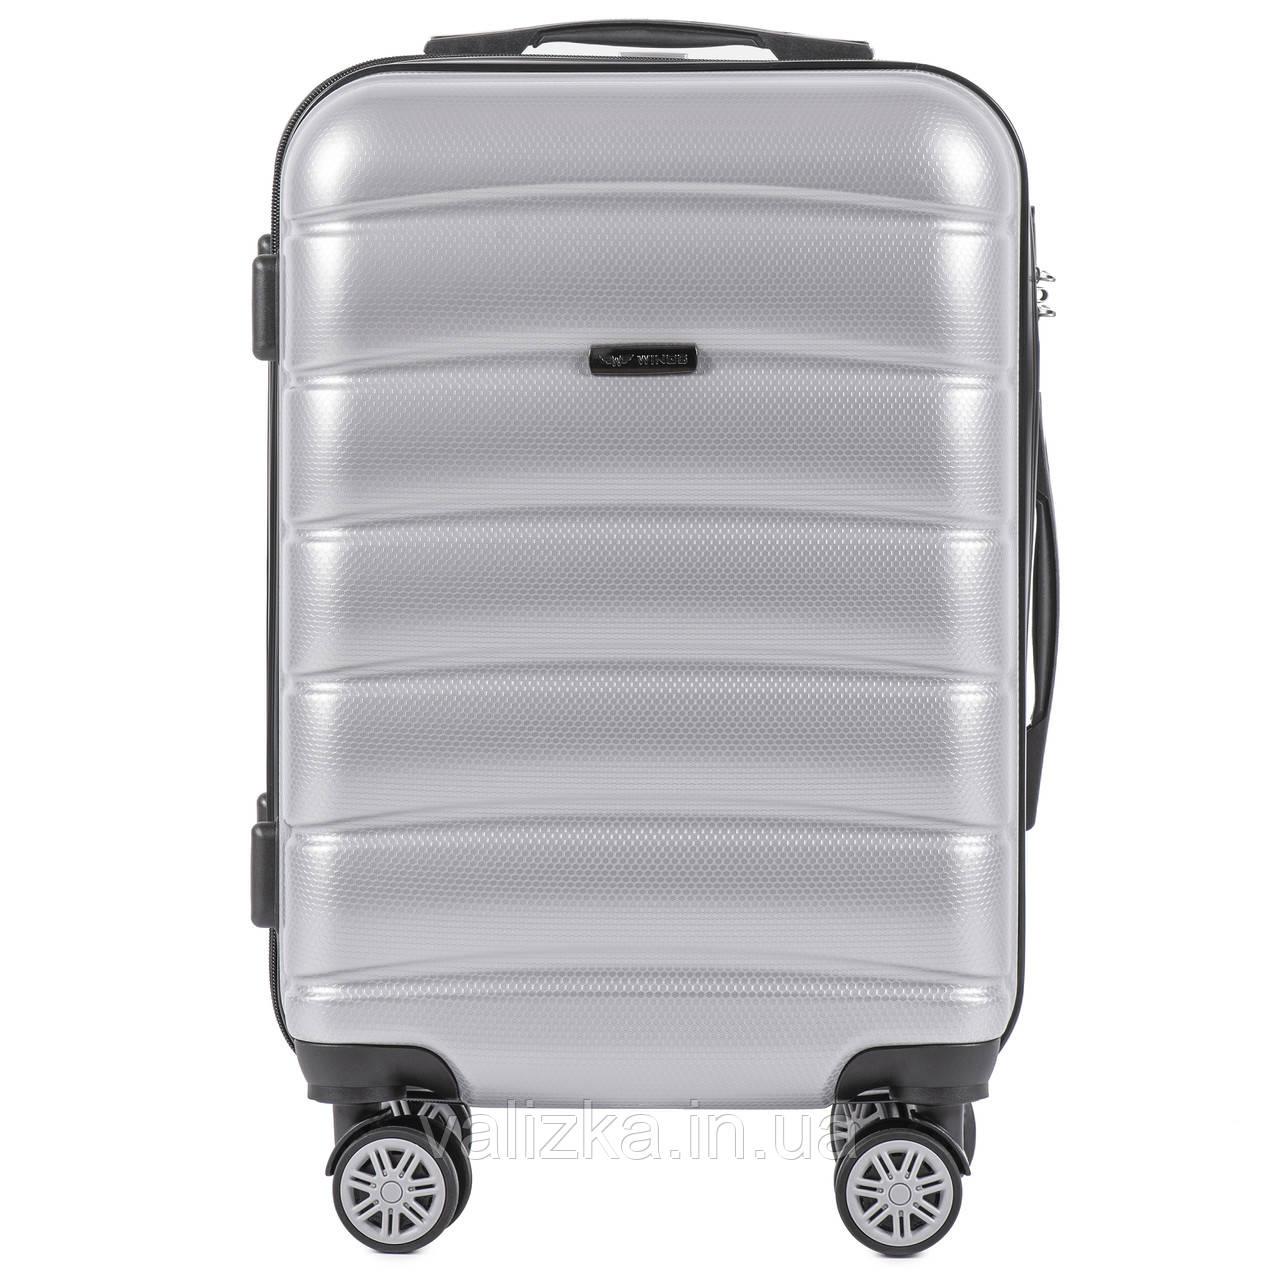 Малый чемодан из поликарбоната премиум серии для ручной клади на 4-х двойных колесах светло серебряный